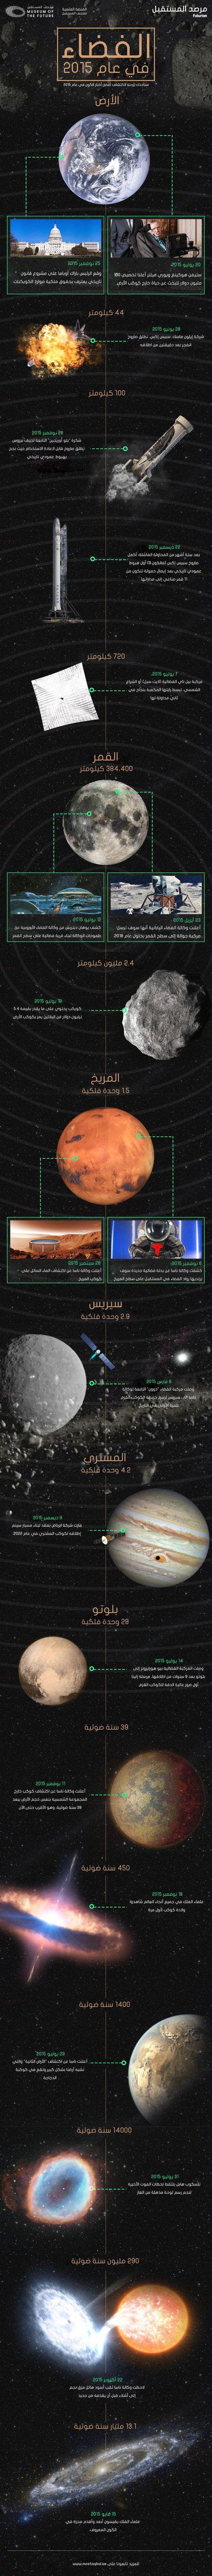 الفضاء في عام 2015 إنفوجرافيك مرصد المستقبل متحف المستقبل Cosmology Science And Nature Fun Science